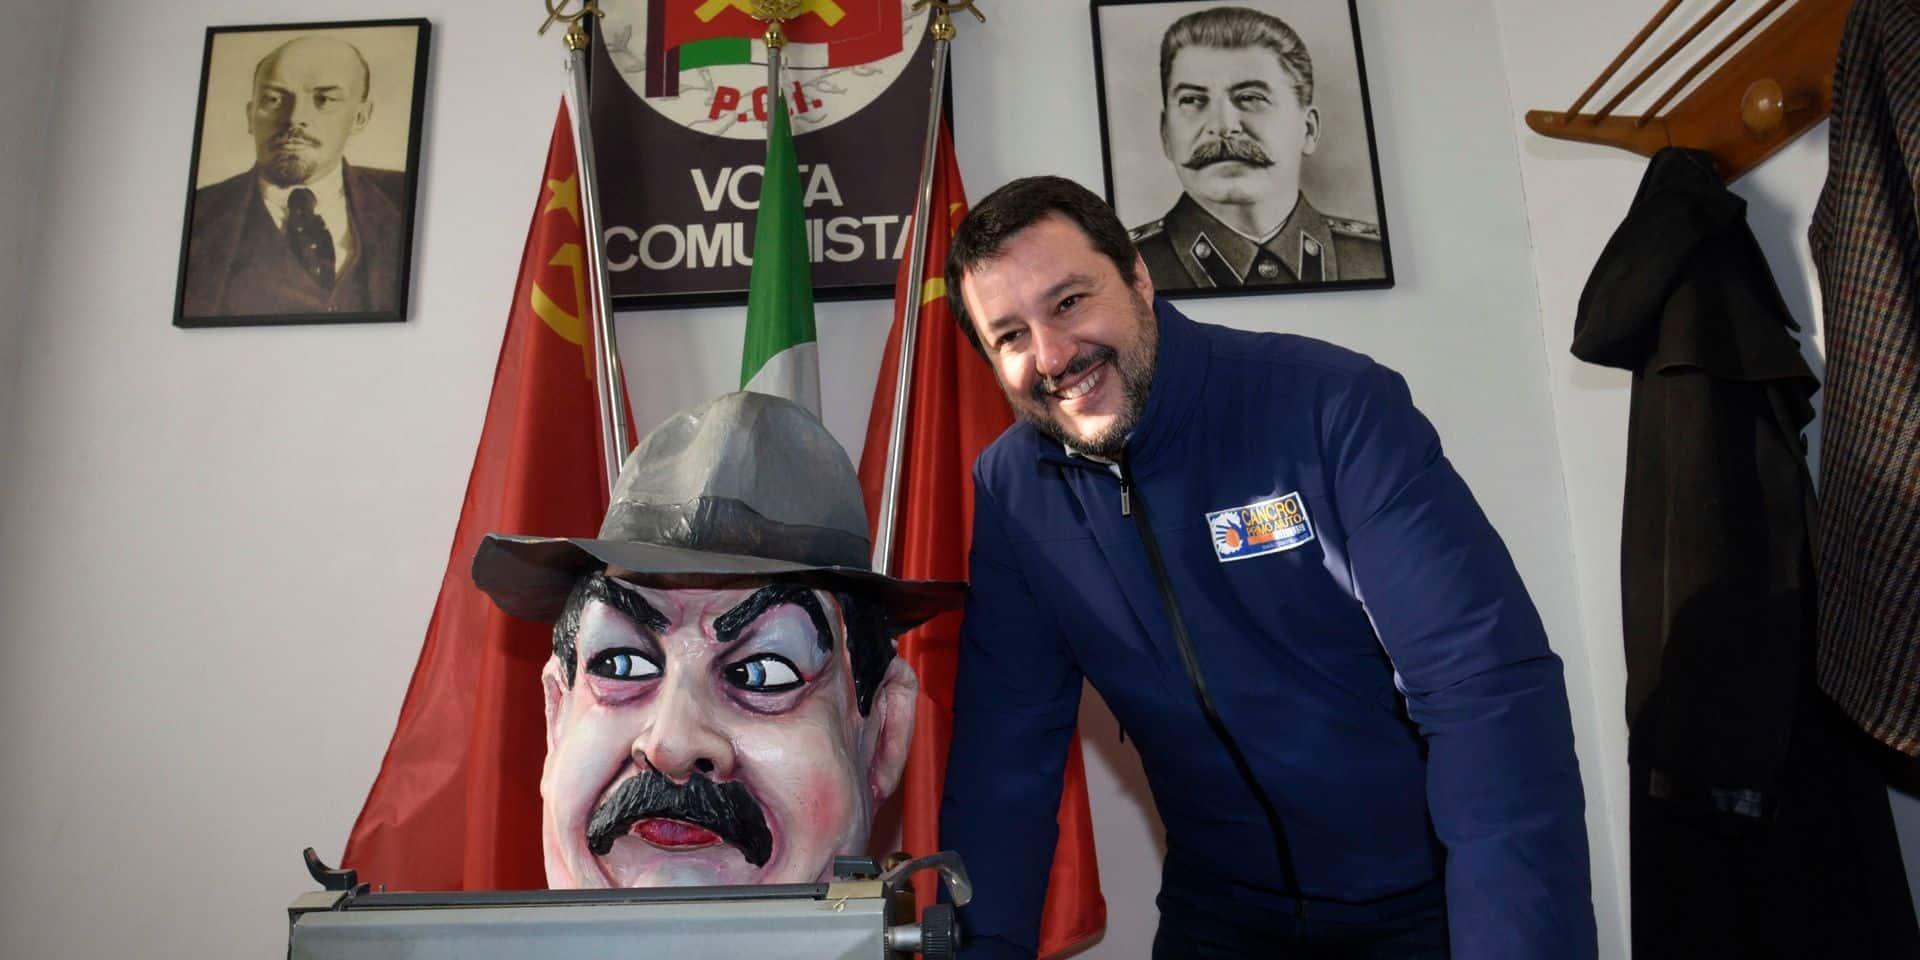 Matteo Salvini veut s'emparer de la forteresse rouge